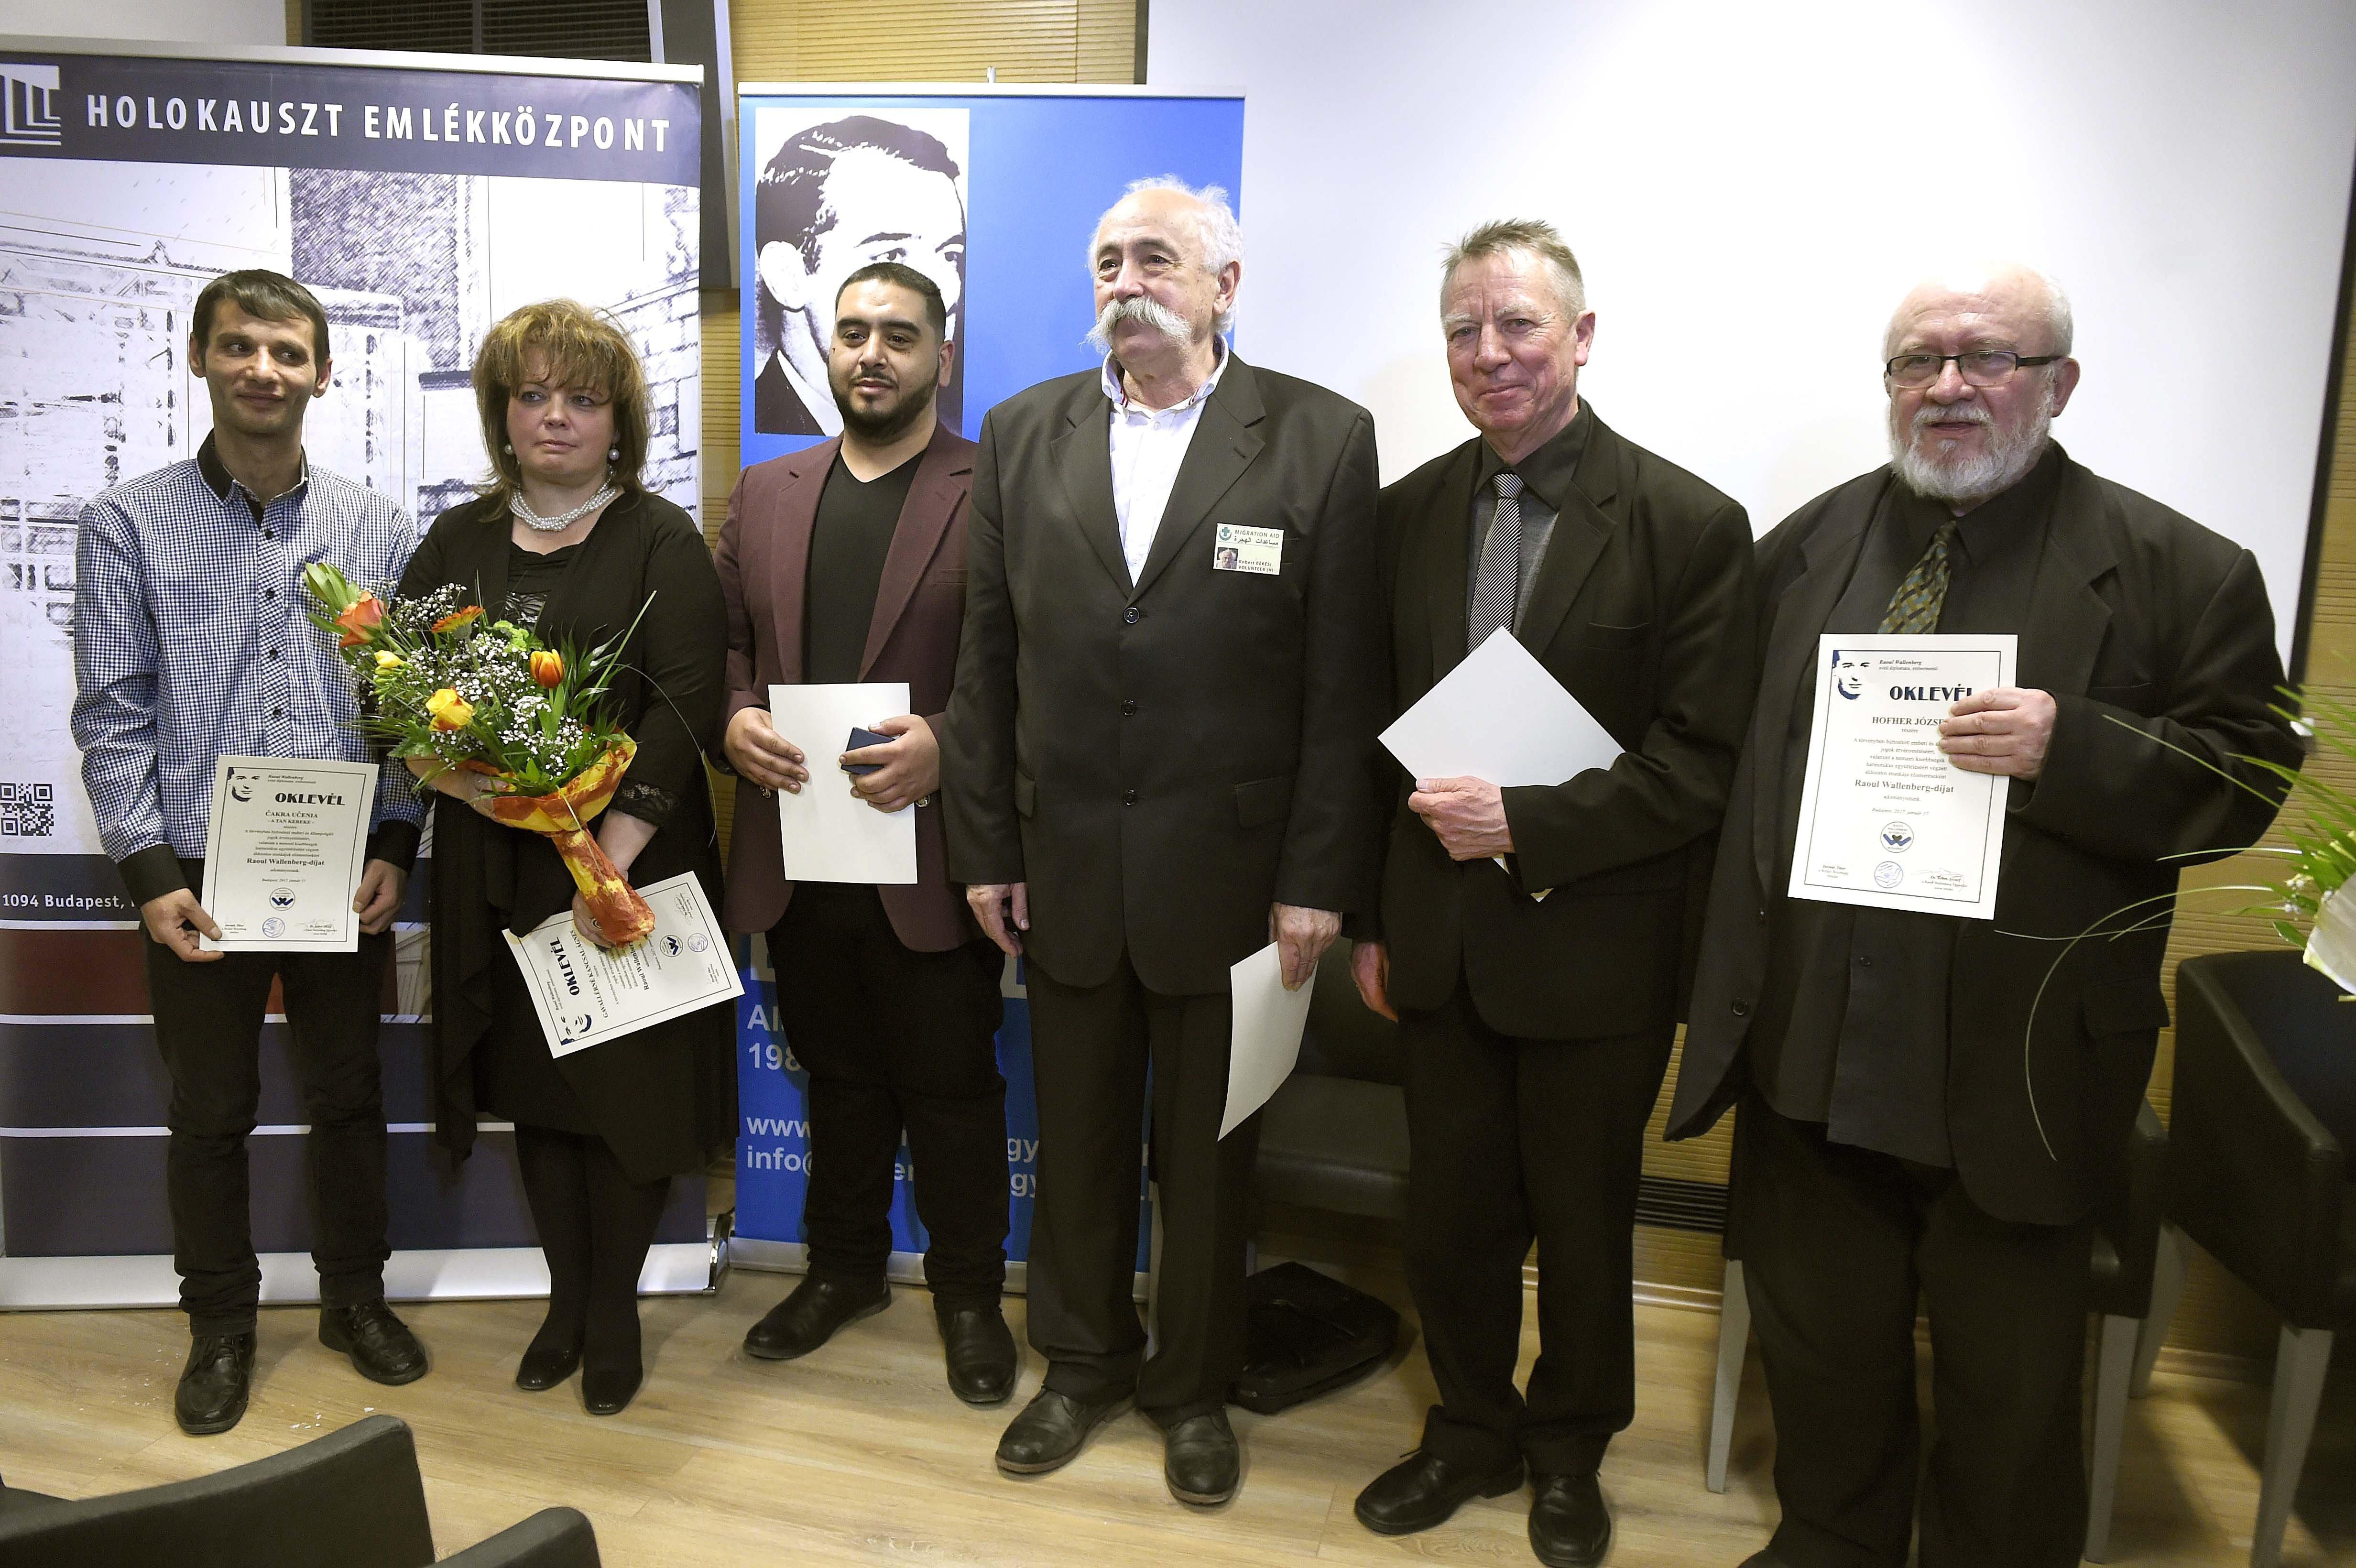 Beer Miklós és Hofher József kapta a Raoul Wallenberg-díjat